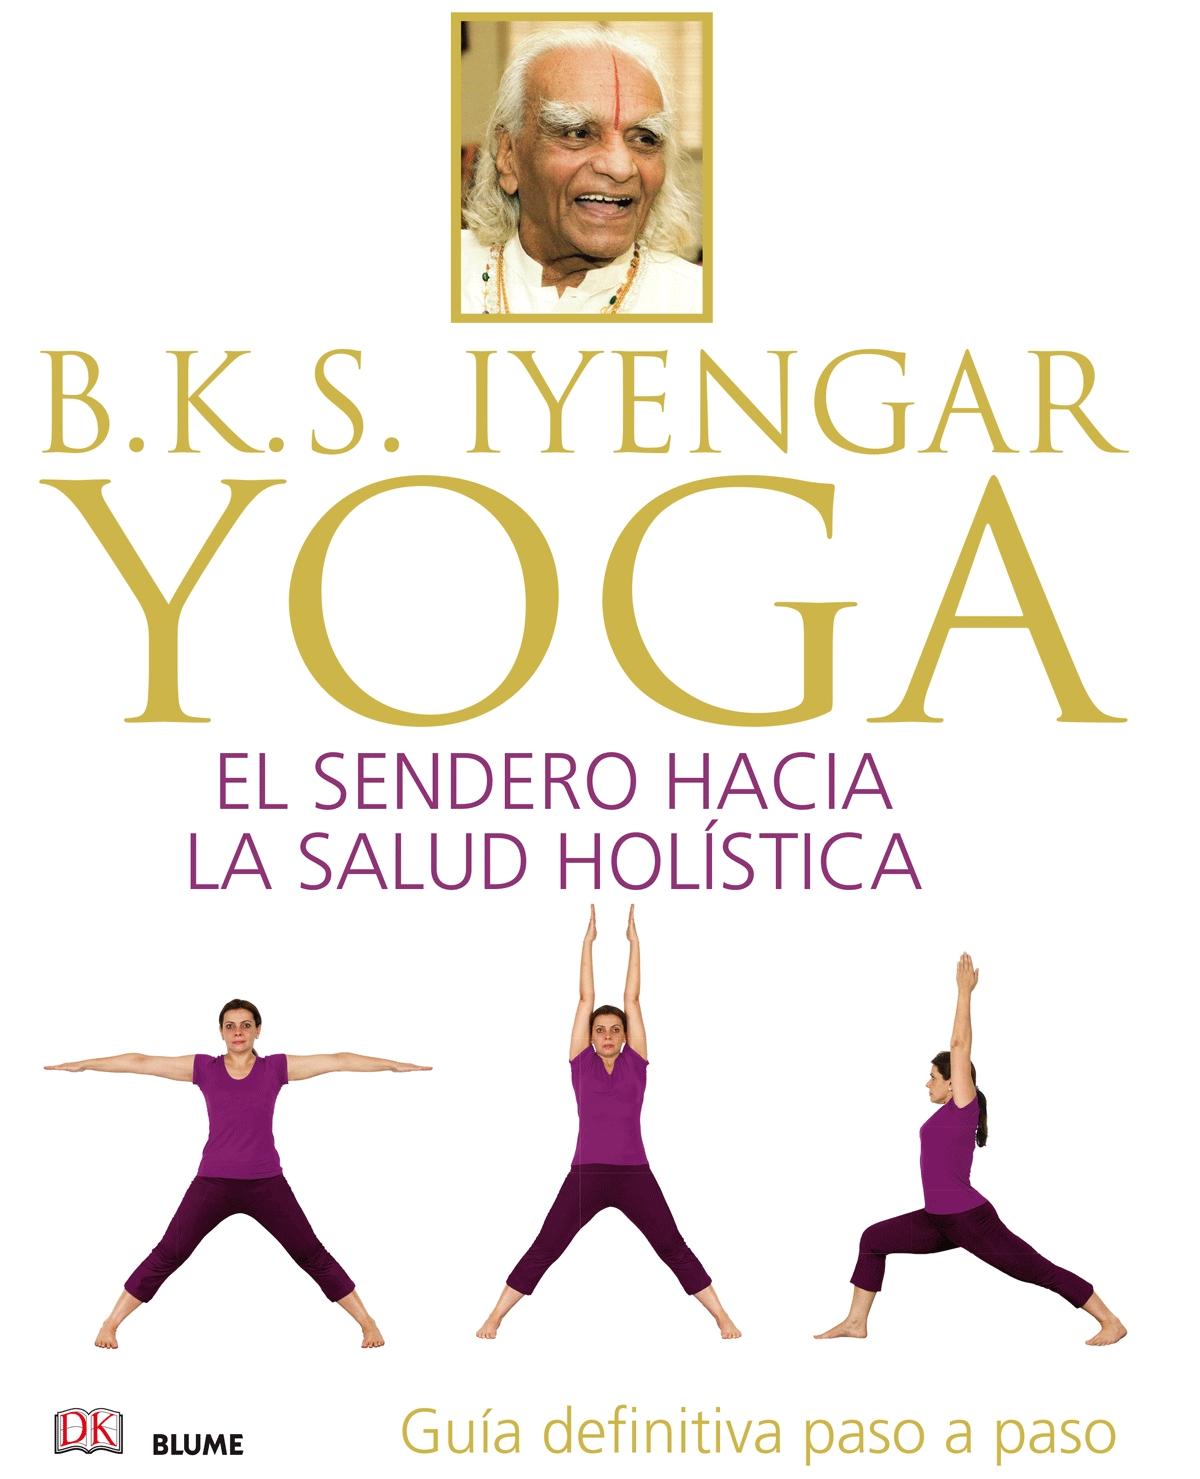 B.K.S. IYENGAR. YOGA: EL SENDERO HACIA LA SALUD HOLÍSTICA